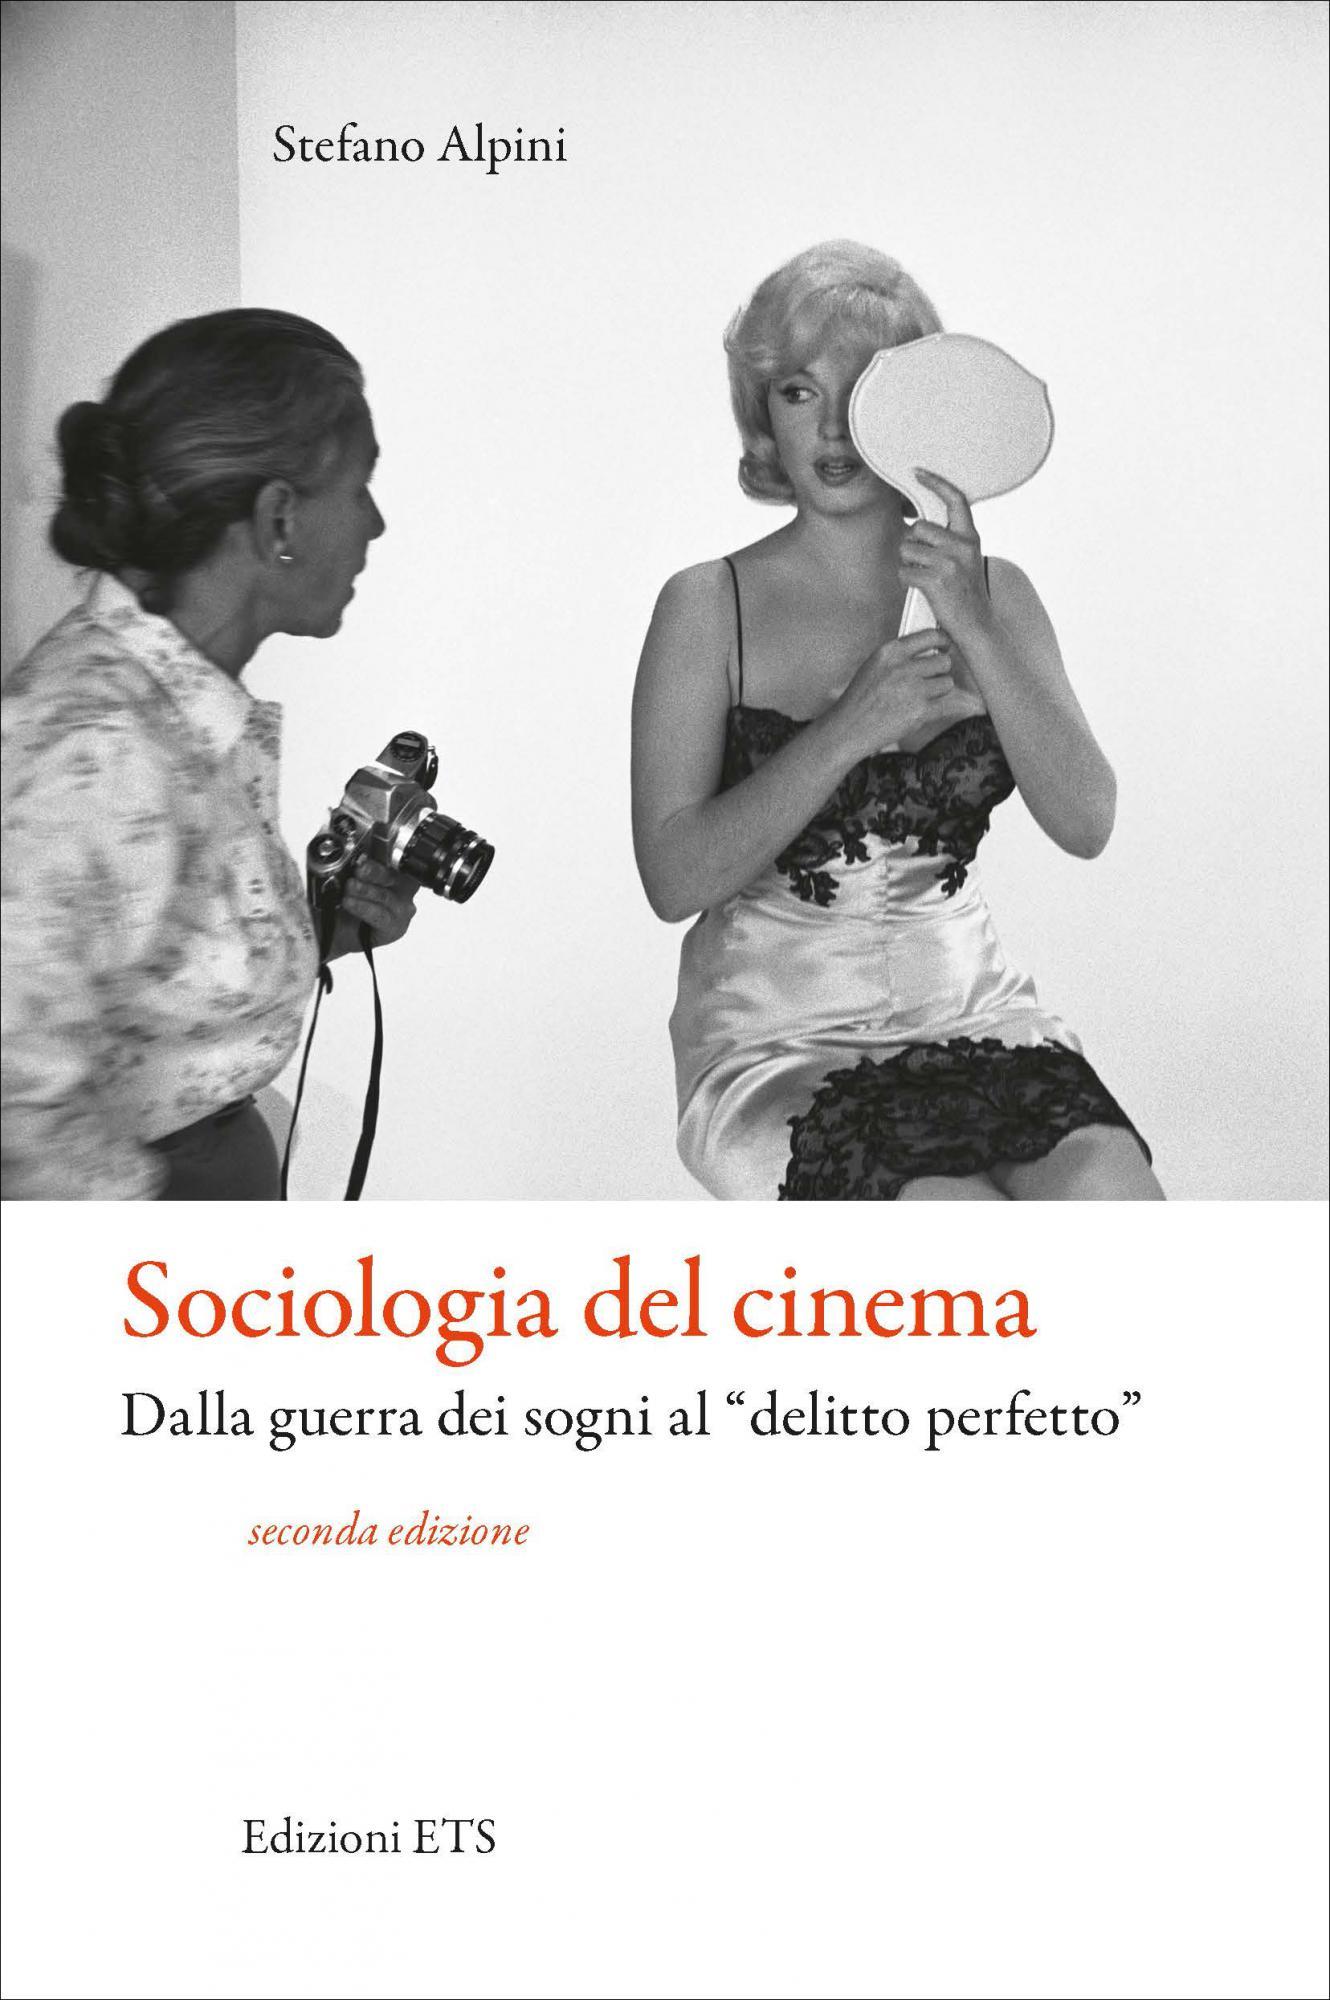 """Sociologia del cinema.Dalla guerra dei sogni al """"delitto perfetto"""". Seconda edizione"""